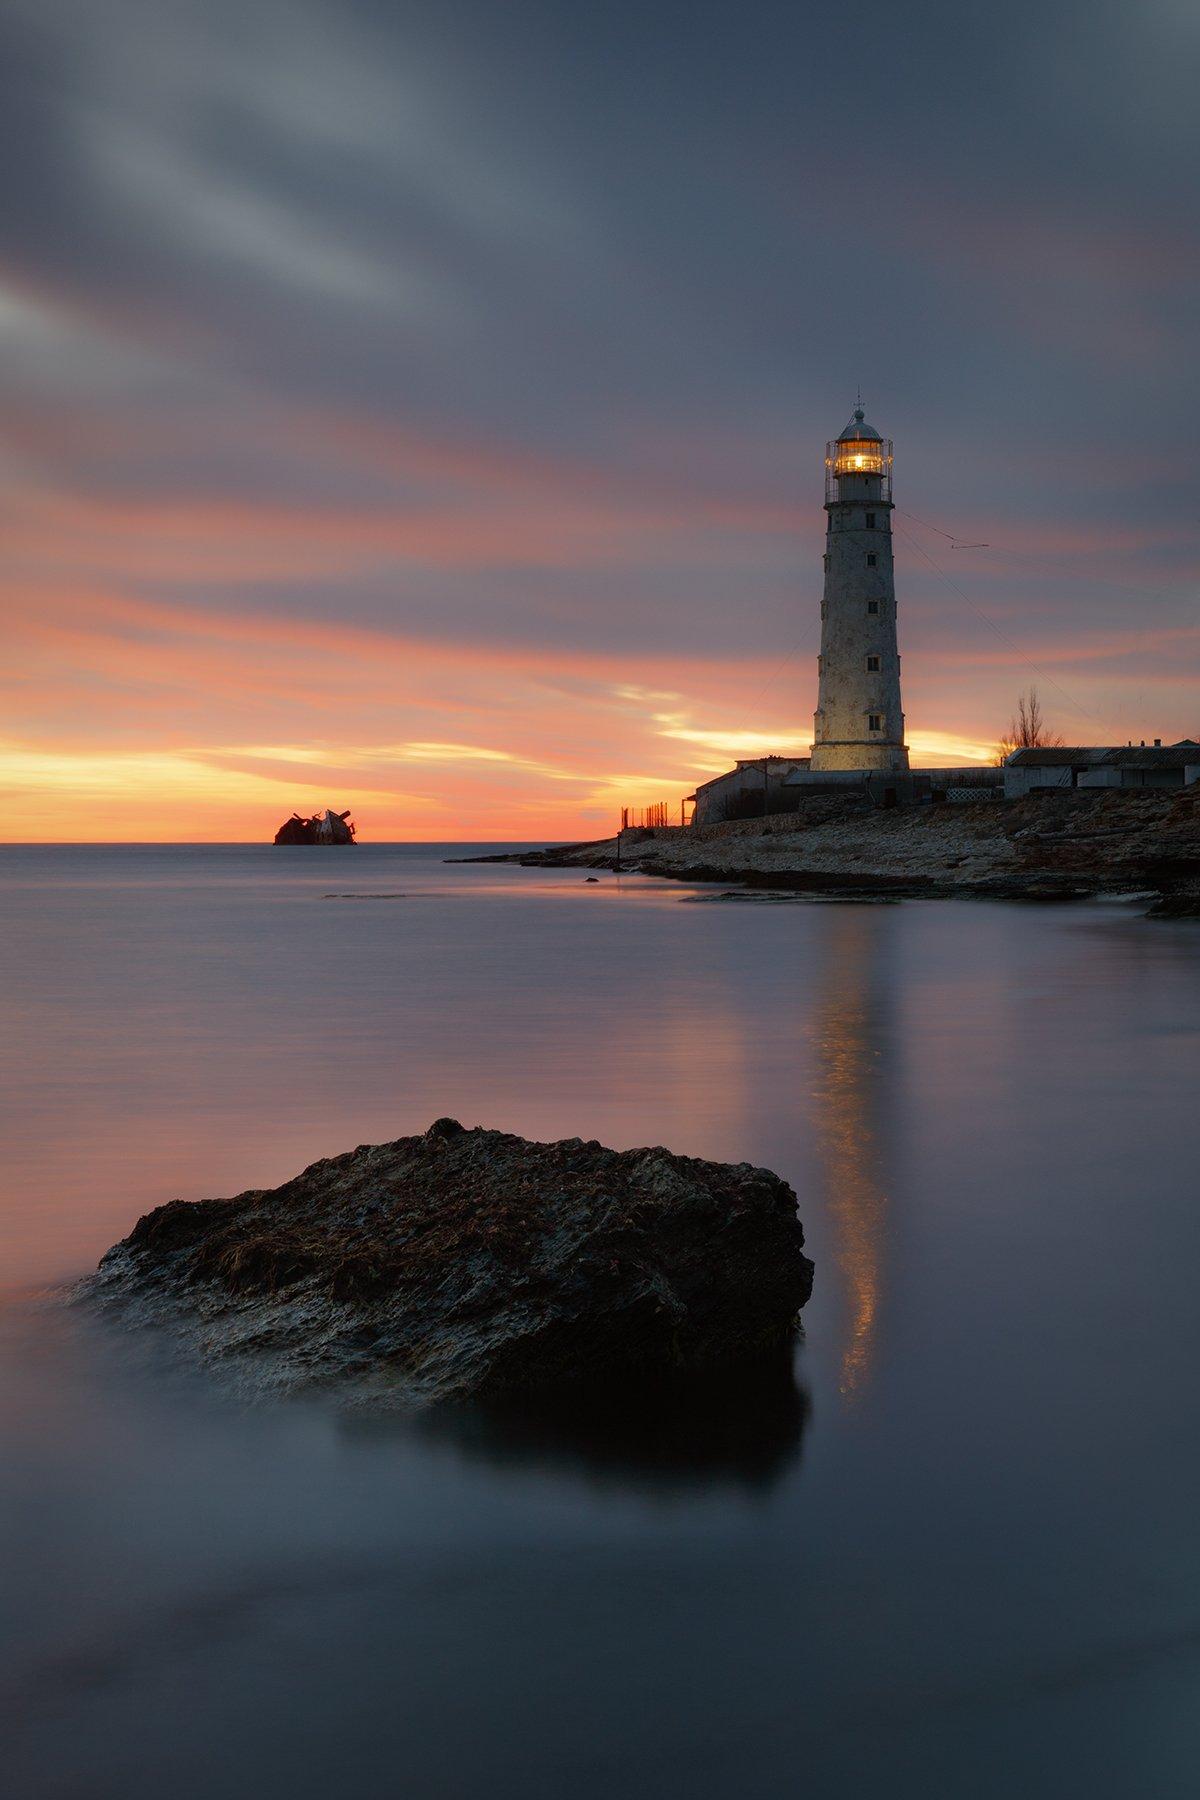 море, вечер, берег, камни, маяк, свет, небо, облака, пейзаж, тарханкут, крым,, Сергей Шульга